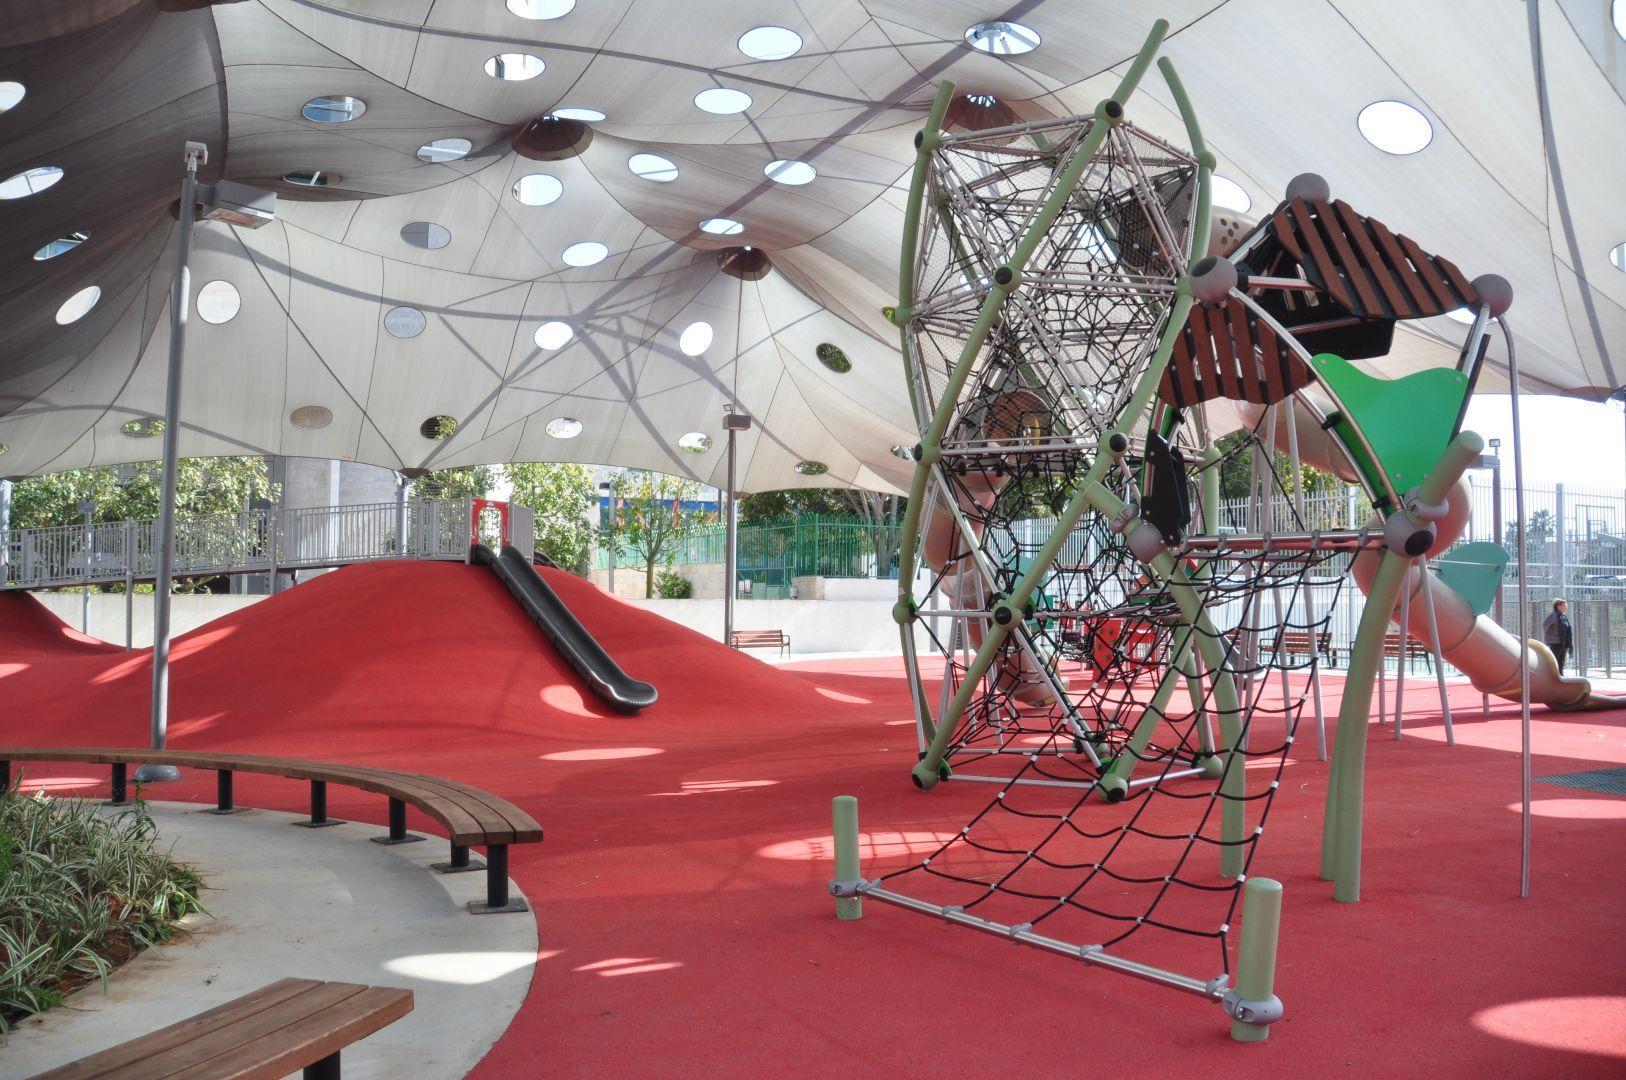 מתקני משחקים | פרויקט תוצרת הארץ בתל אביב | מתקני שעשועים